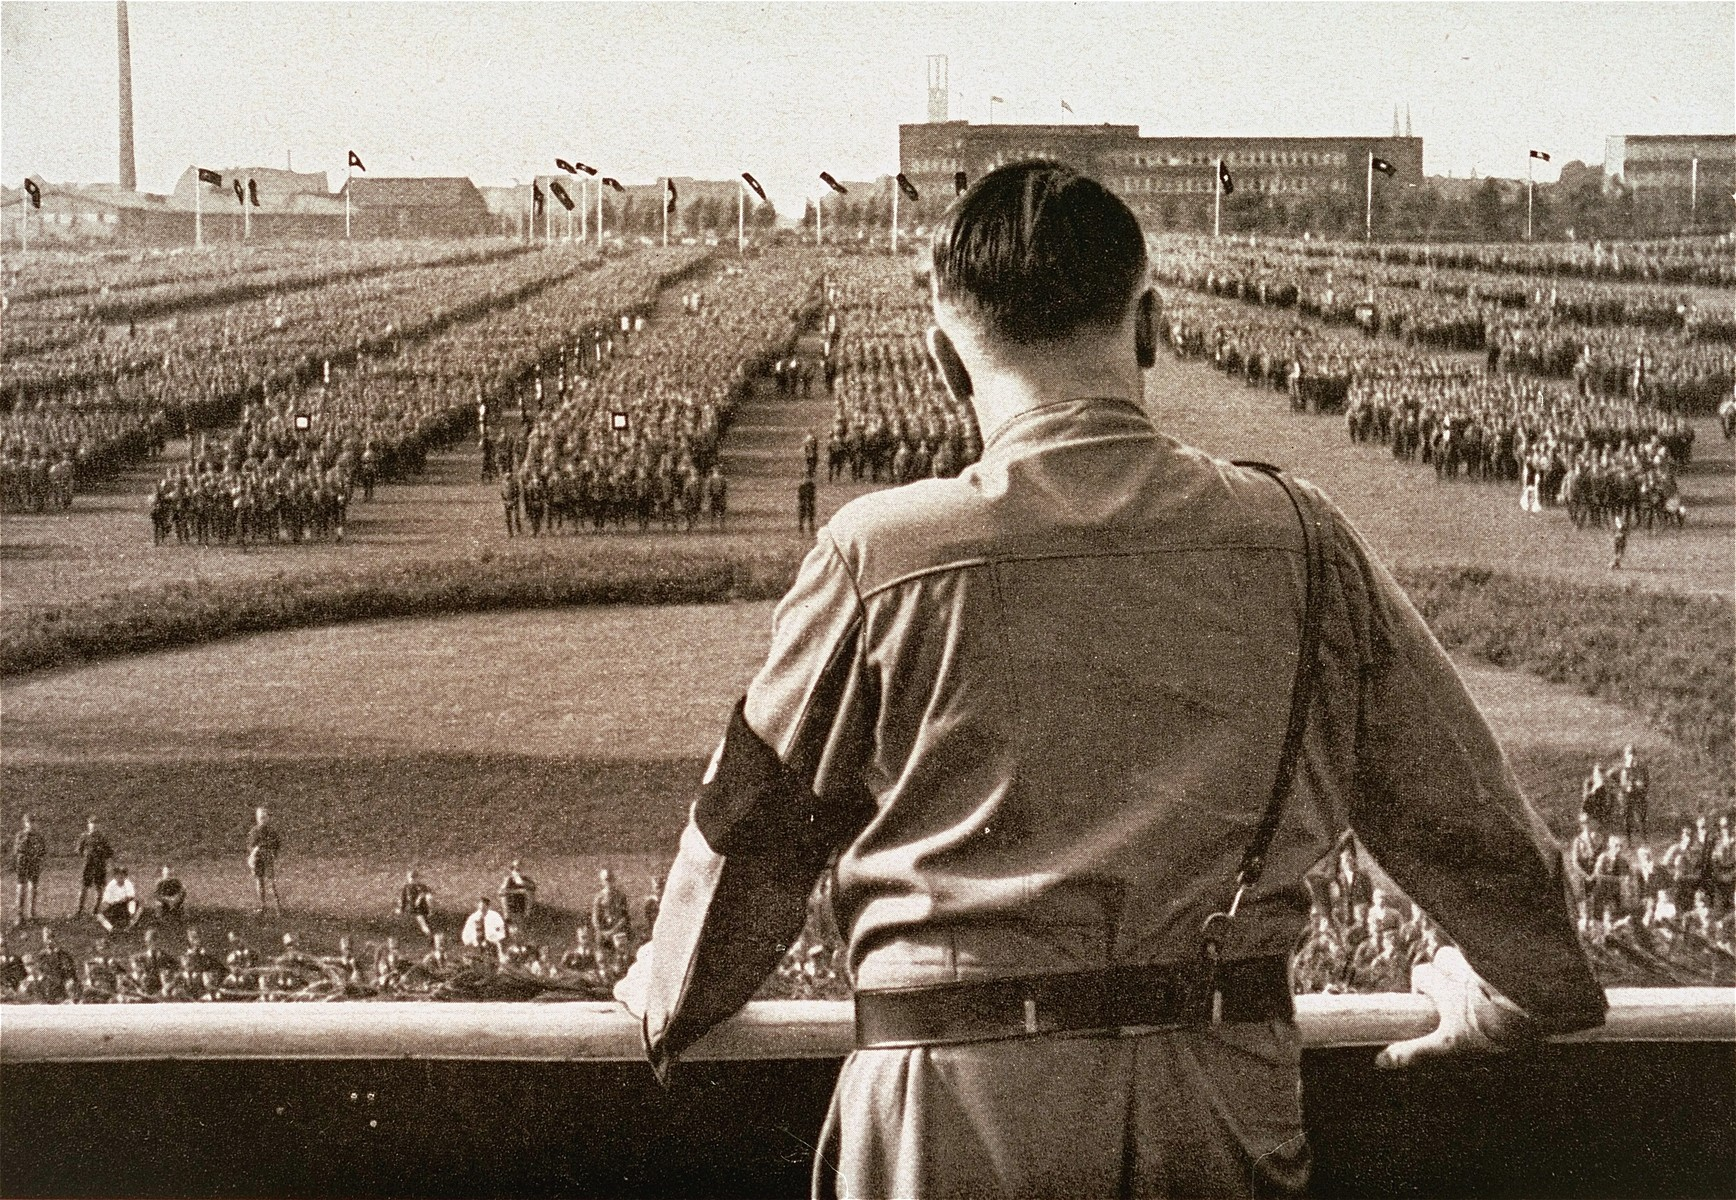 Adolf Hitler addresses a rally of the SA.